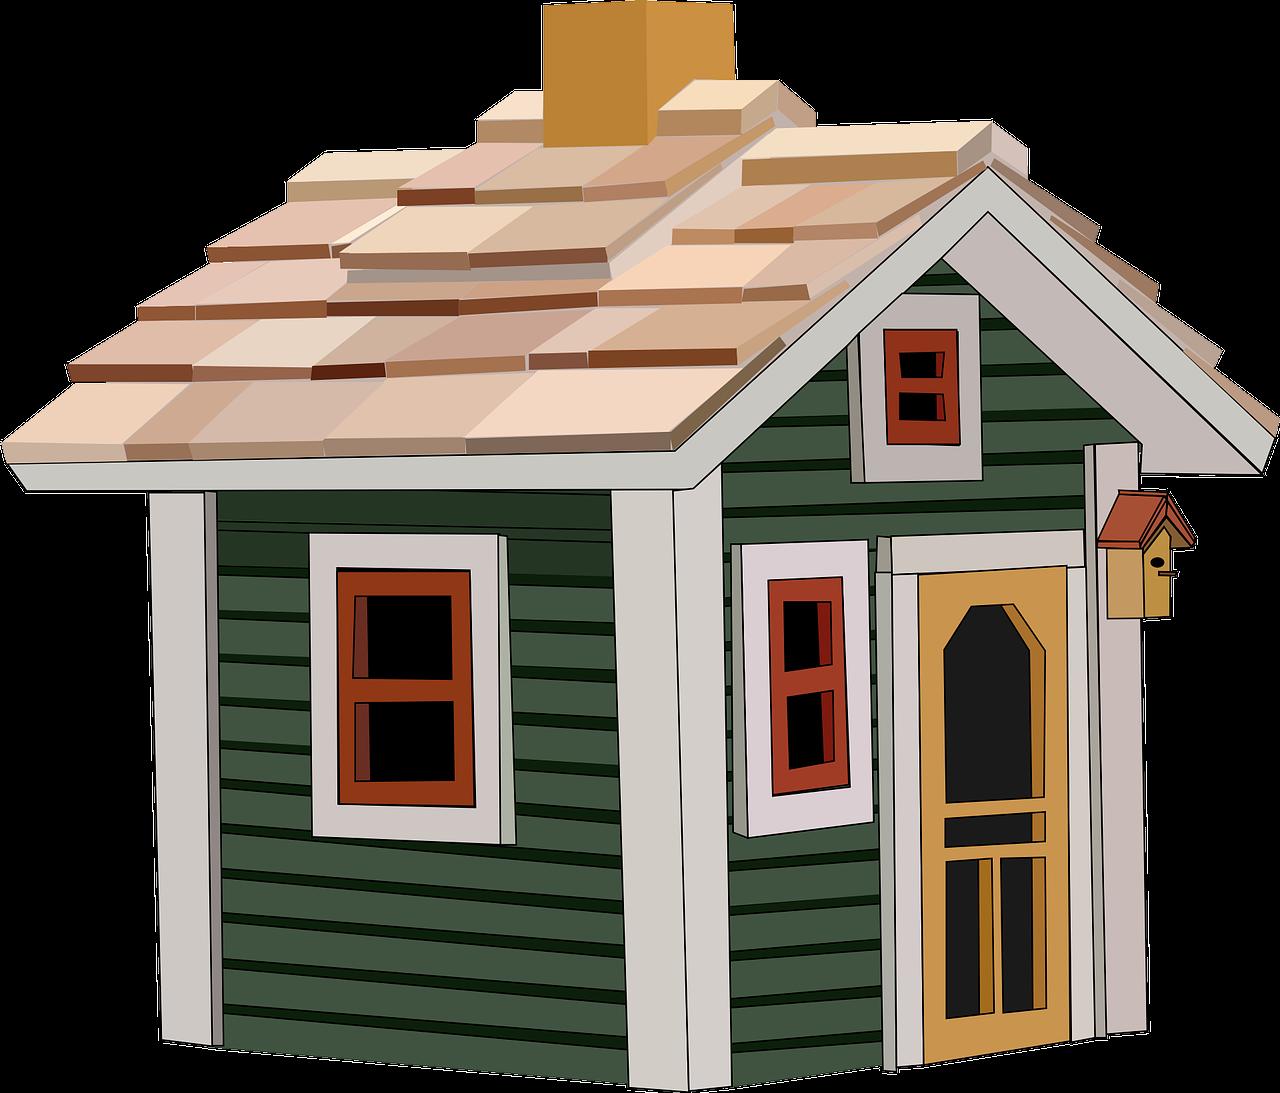 over kredit rumah secara aman